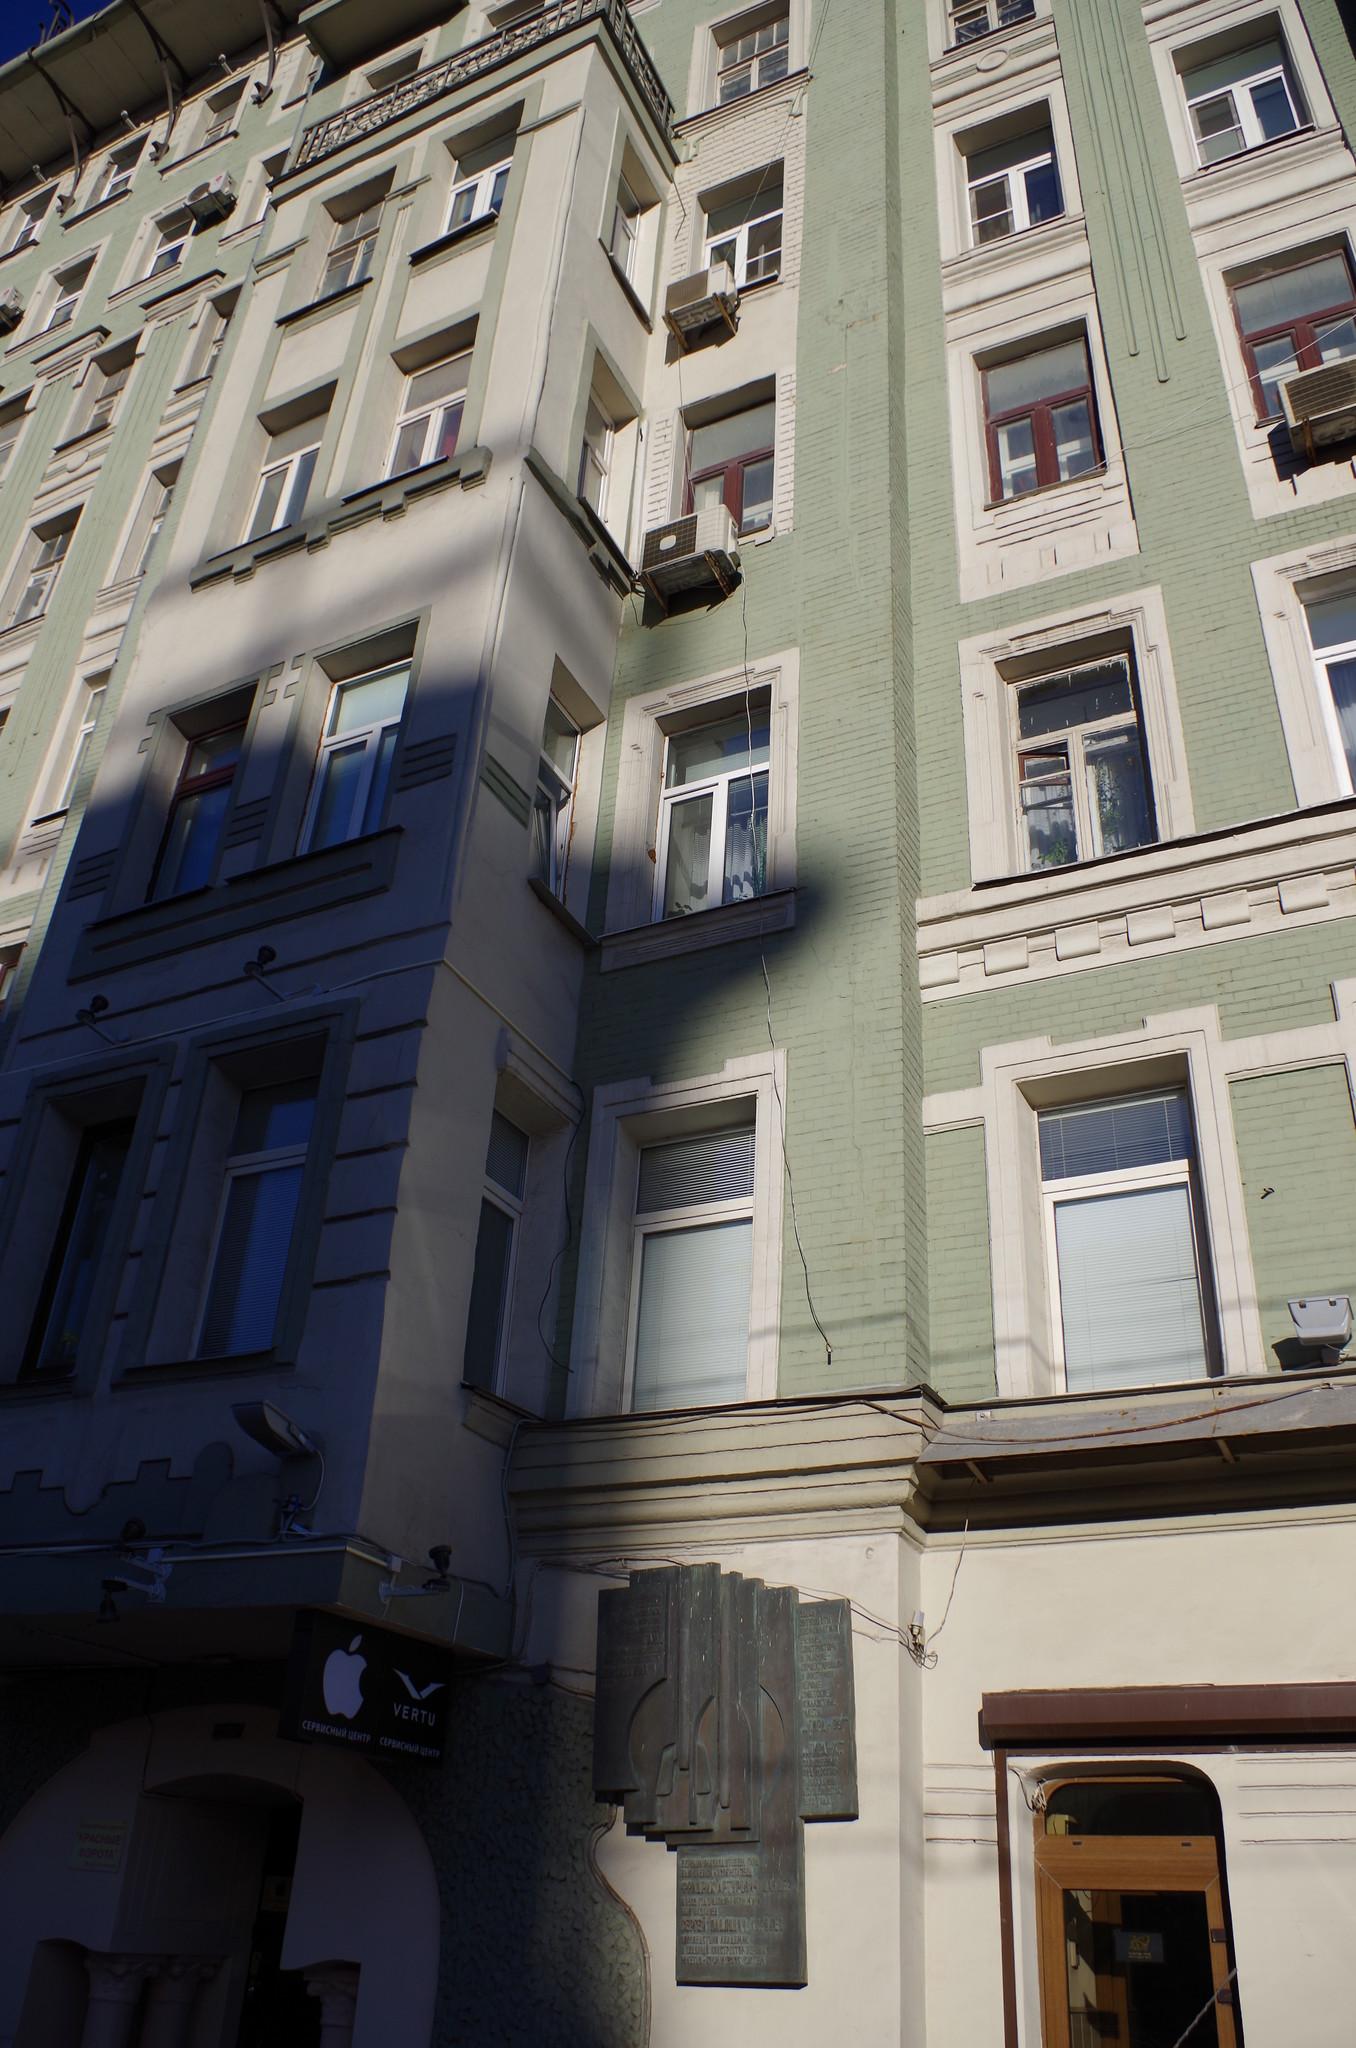 Садовая-Спасская улица, дом 19. Здесь в 1931-1933 годах работала группа изучения реактивного движения (ГИРД). В 1932 году начальником ГИРД был назначен С.П. Королёв